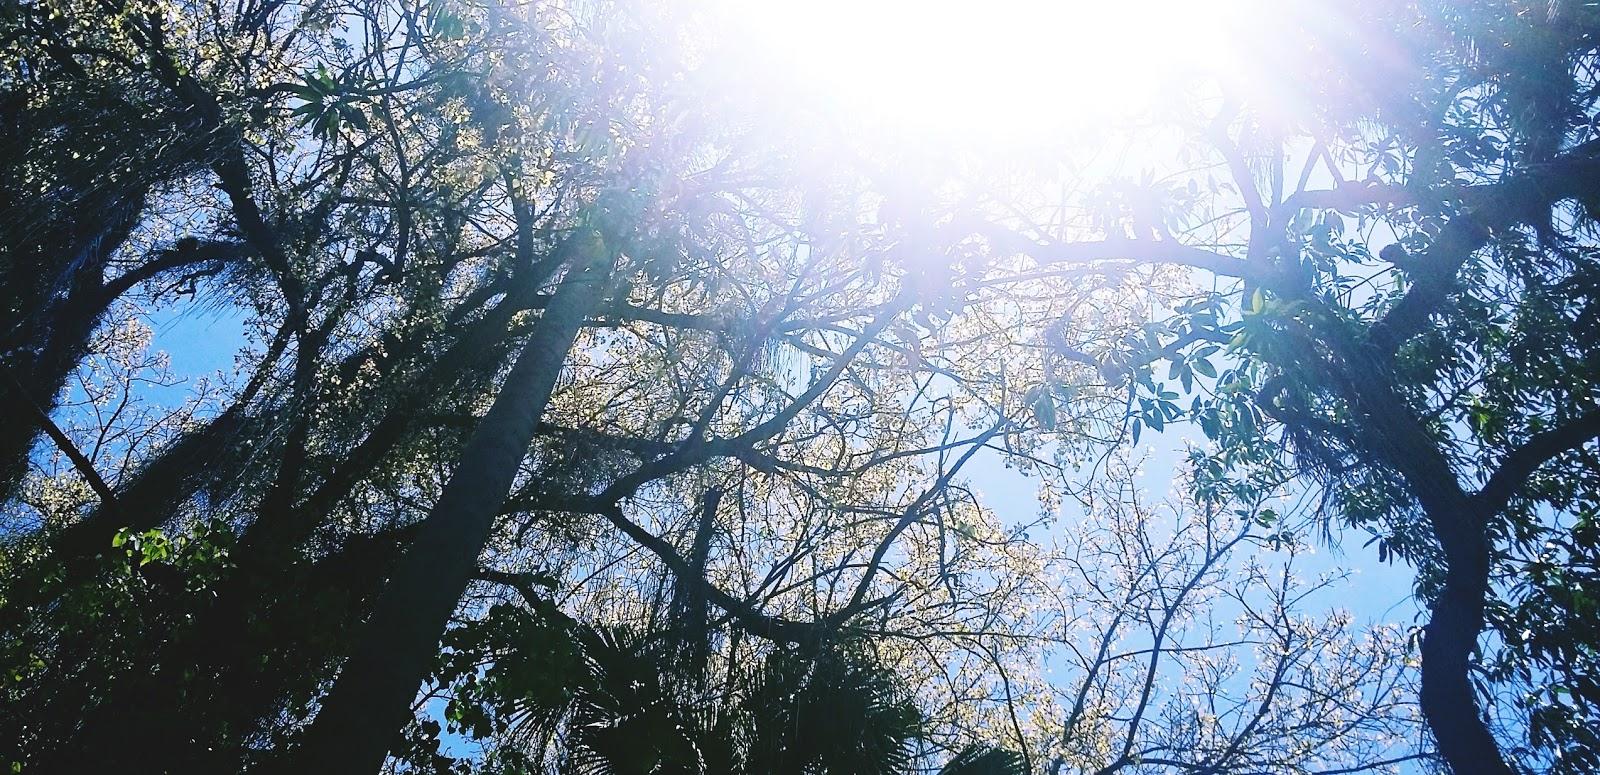 sol entre as árvores